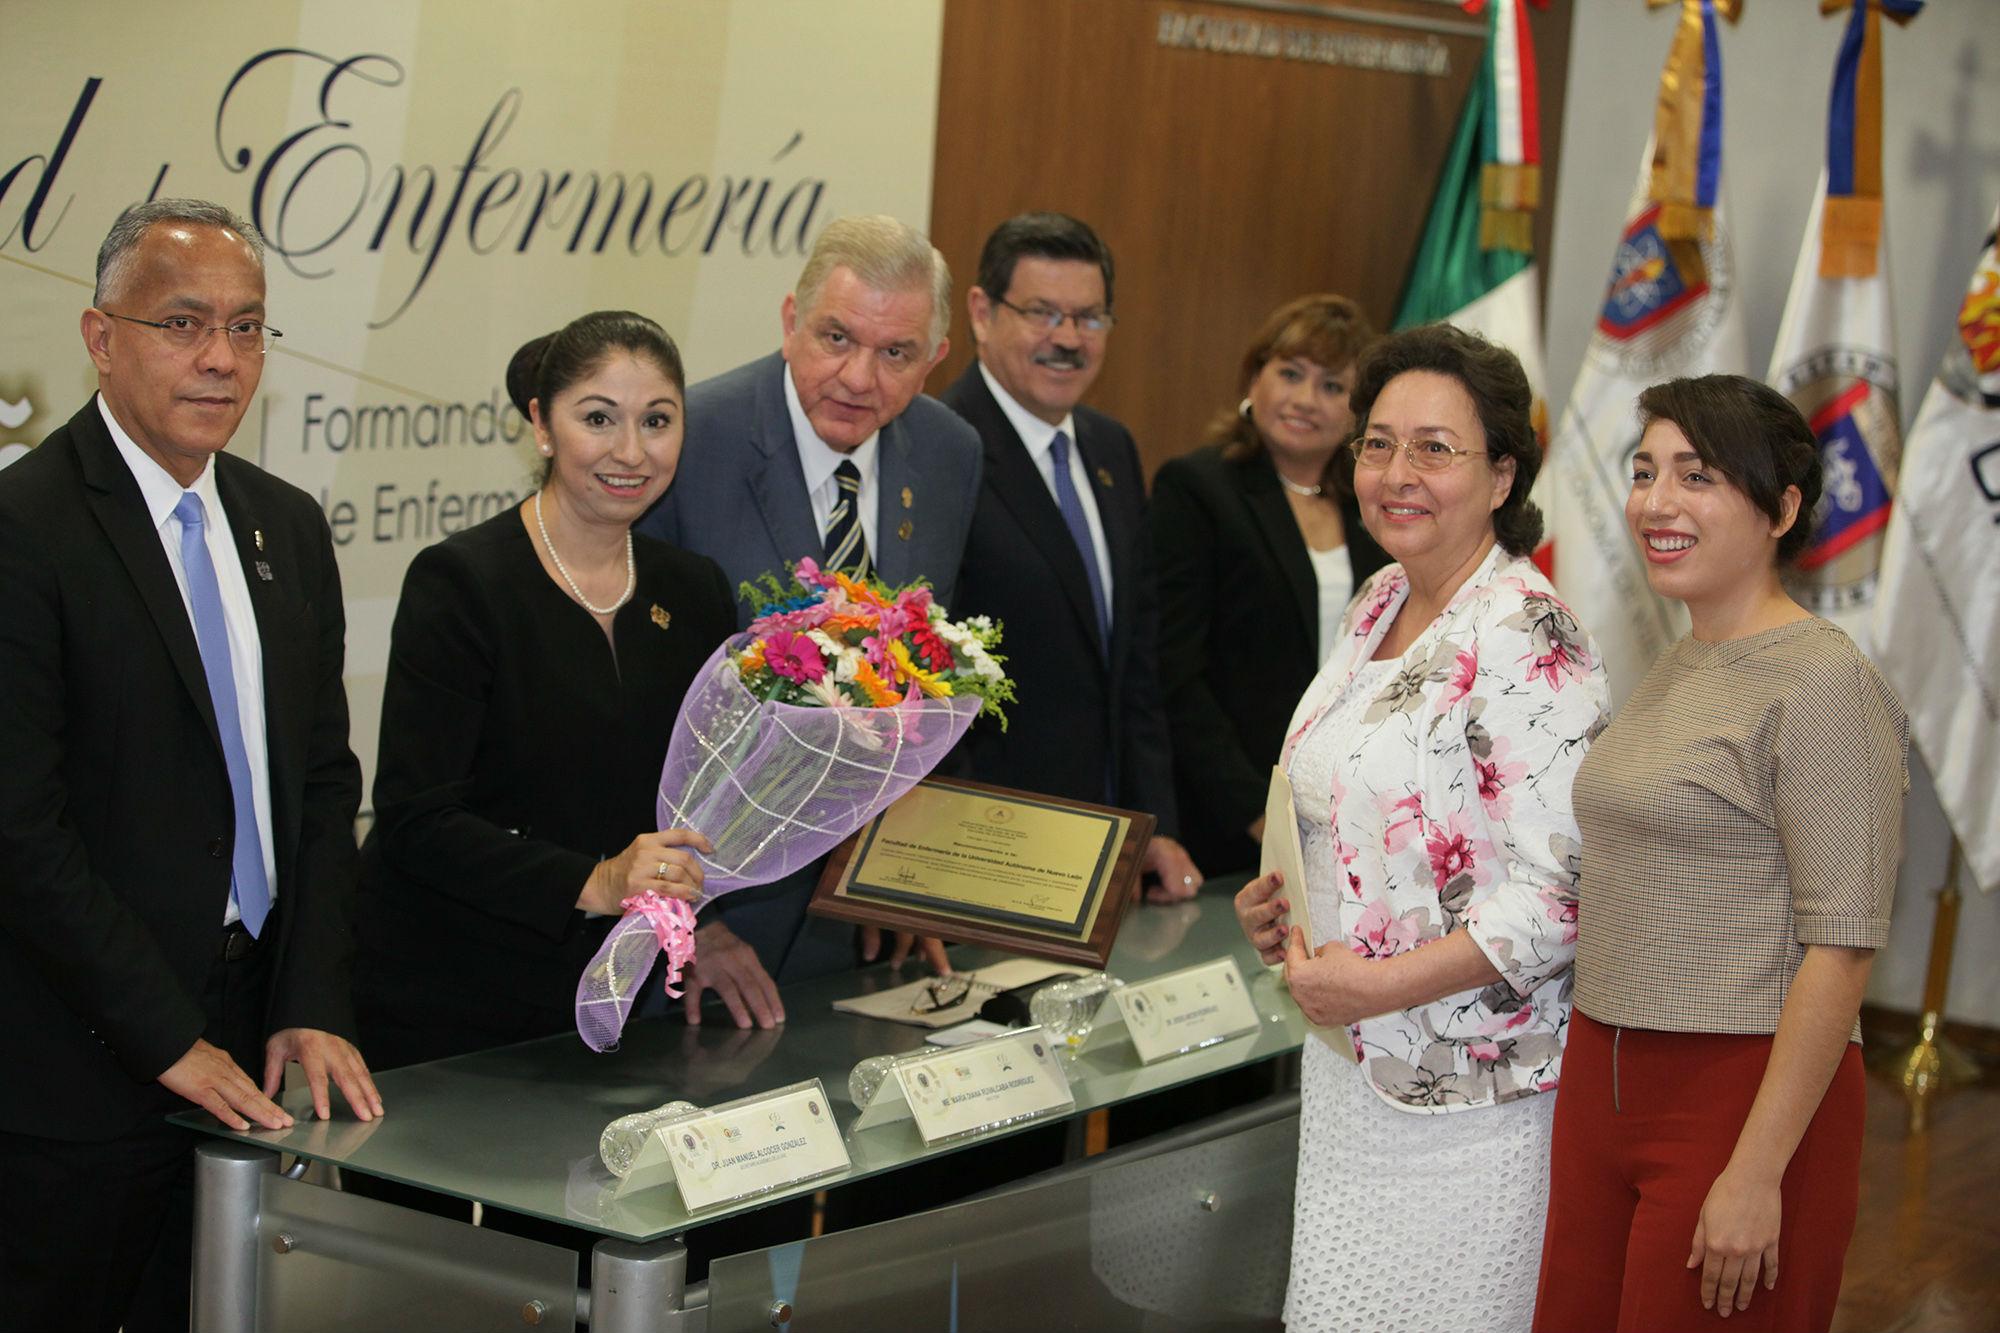 Reconocimiento a la FAEN por parte de la Universidad de Montemorelos